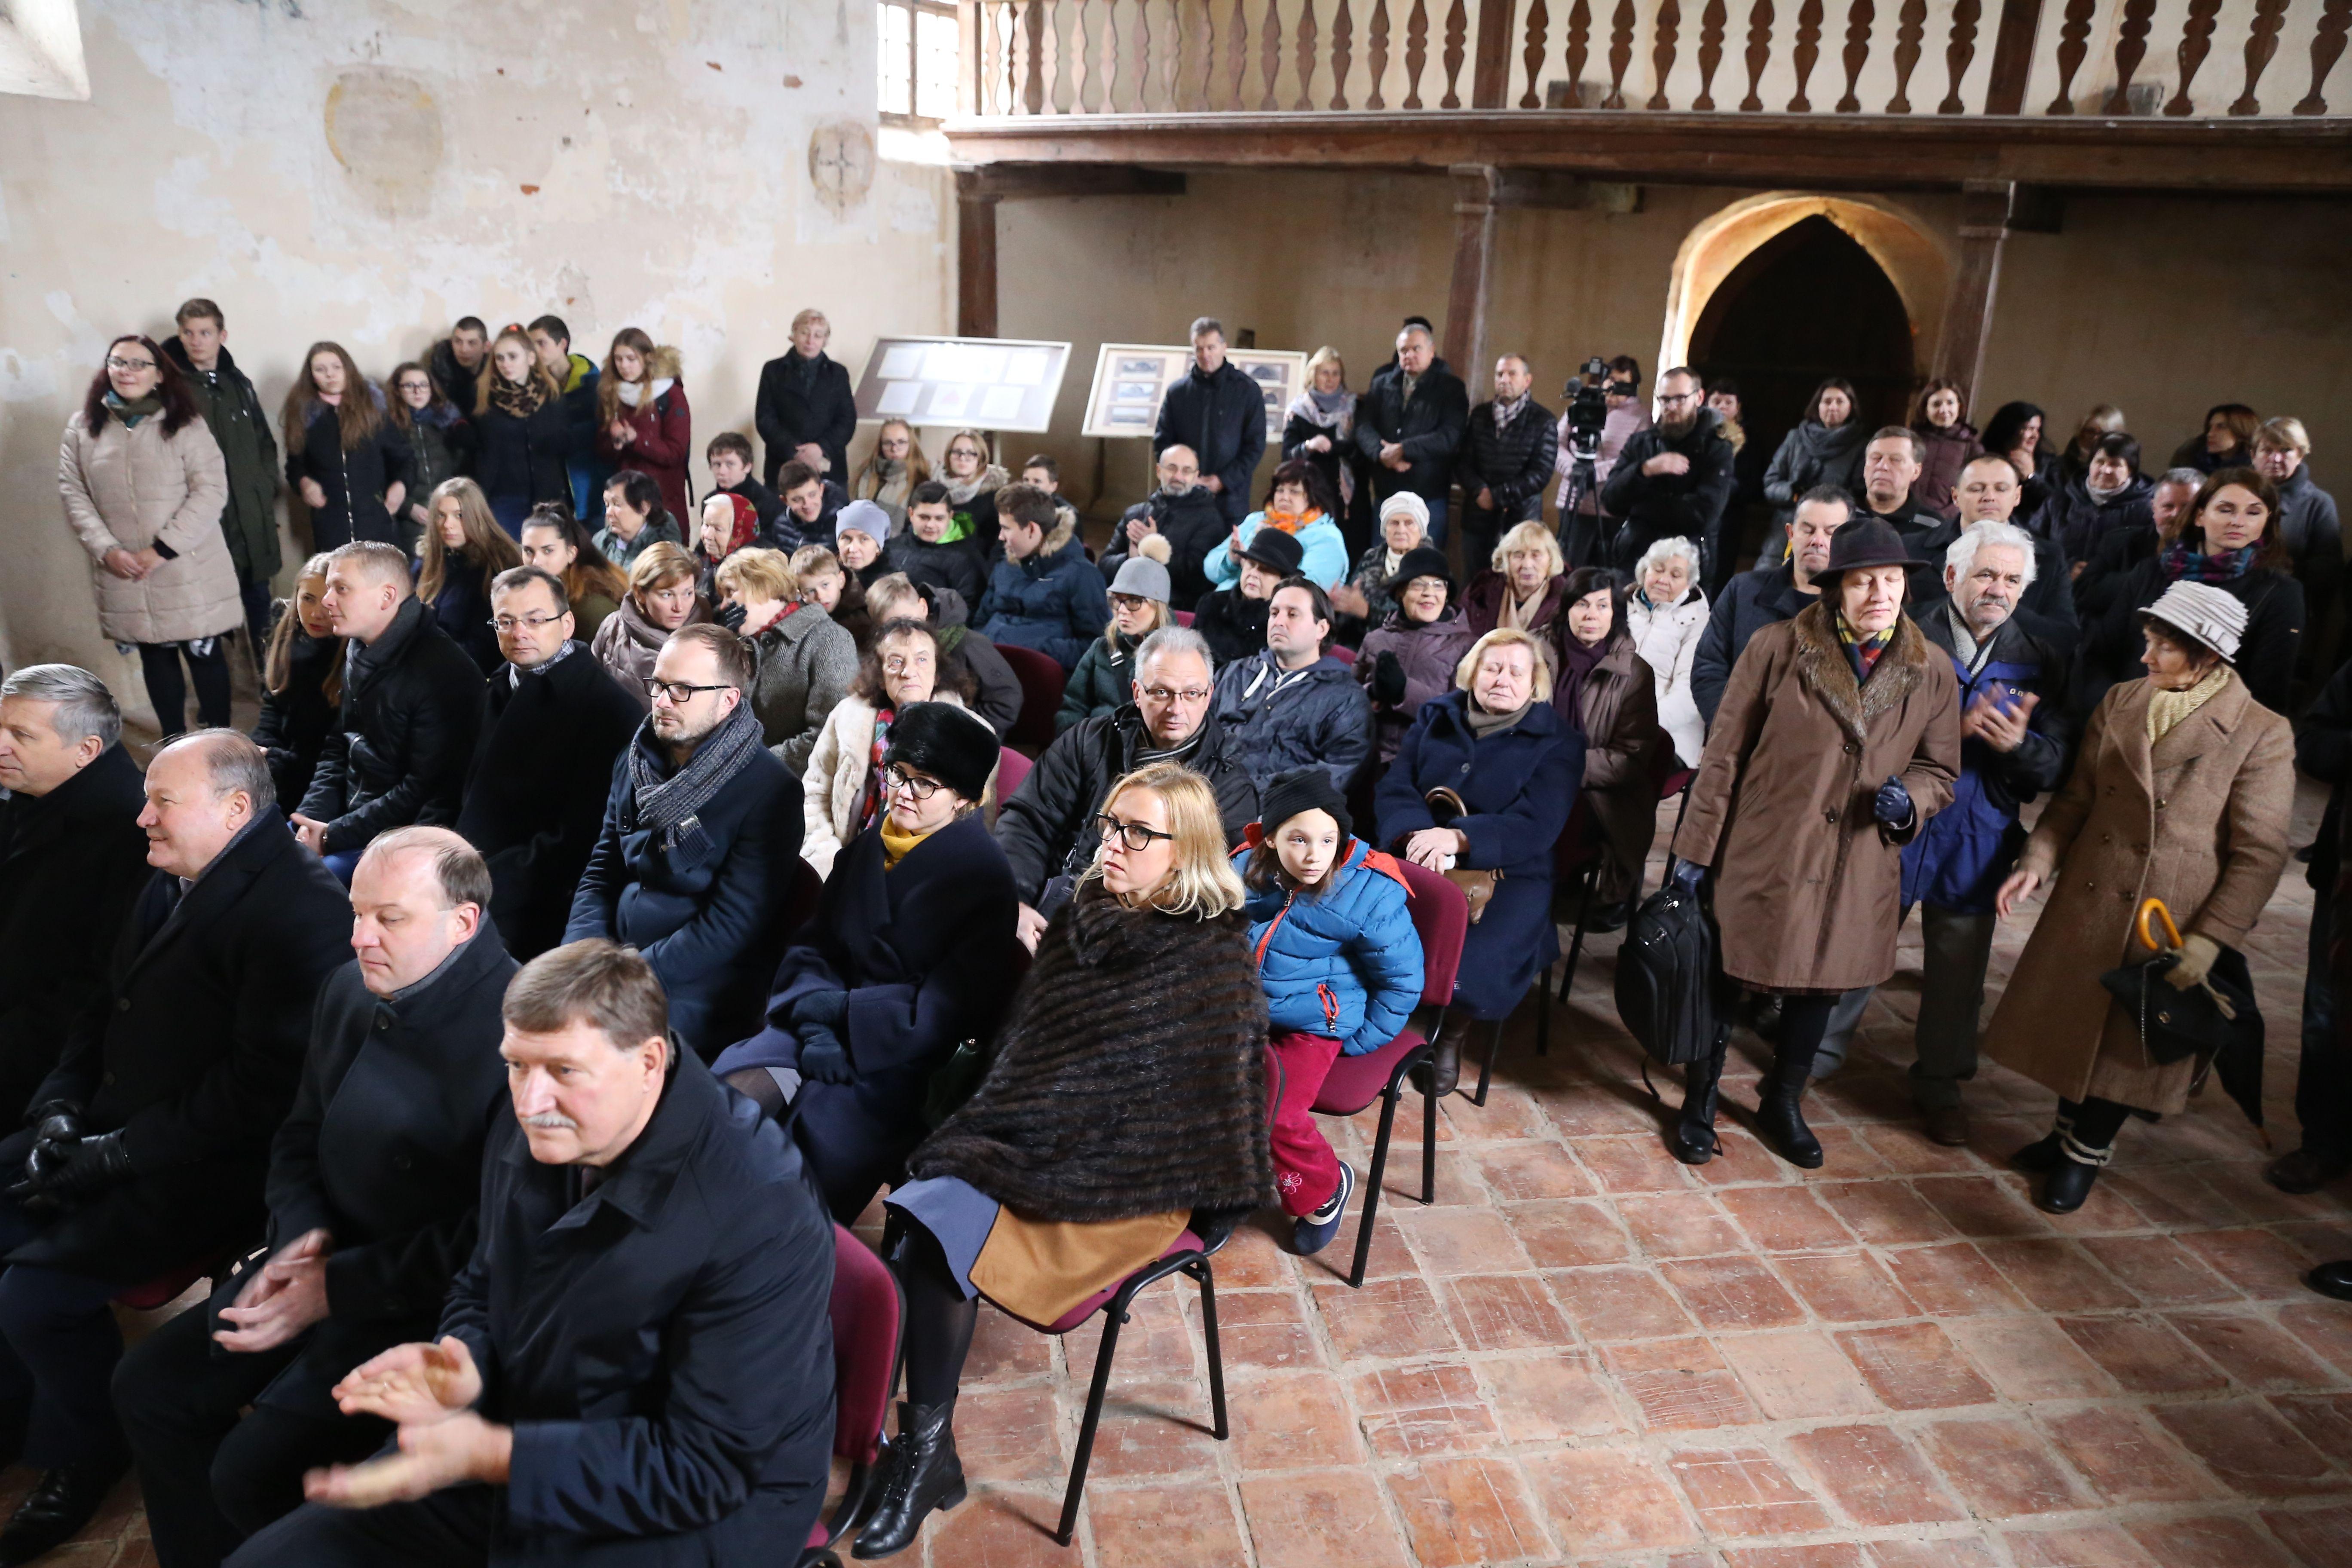 Zapyškio Šv. Jono Krikštytojo bažnyčios tvarkymo darbai prasidėjo skambant J. S. Bacho muzikai   Kauno rajono savivaldybės nuotr.